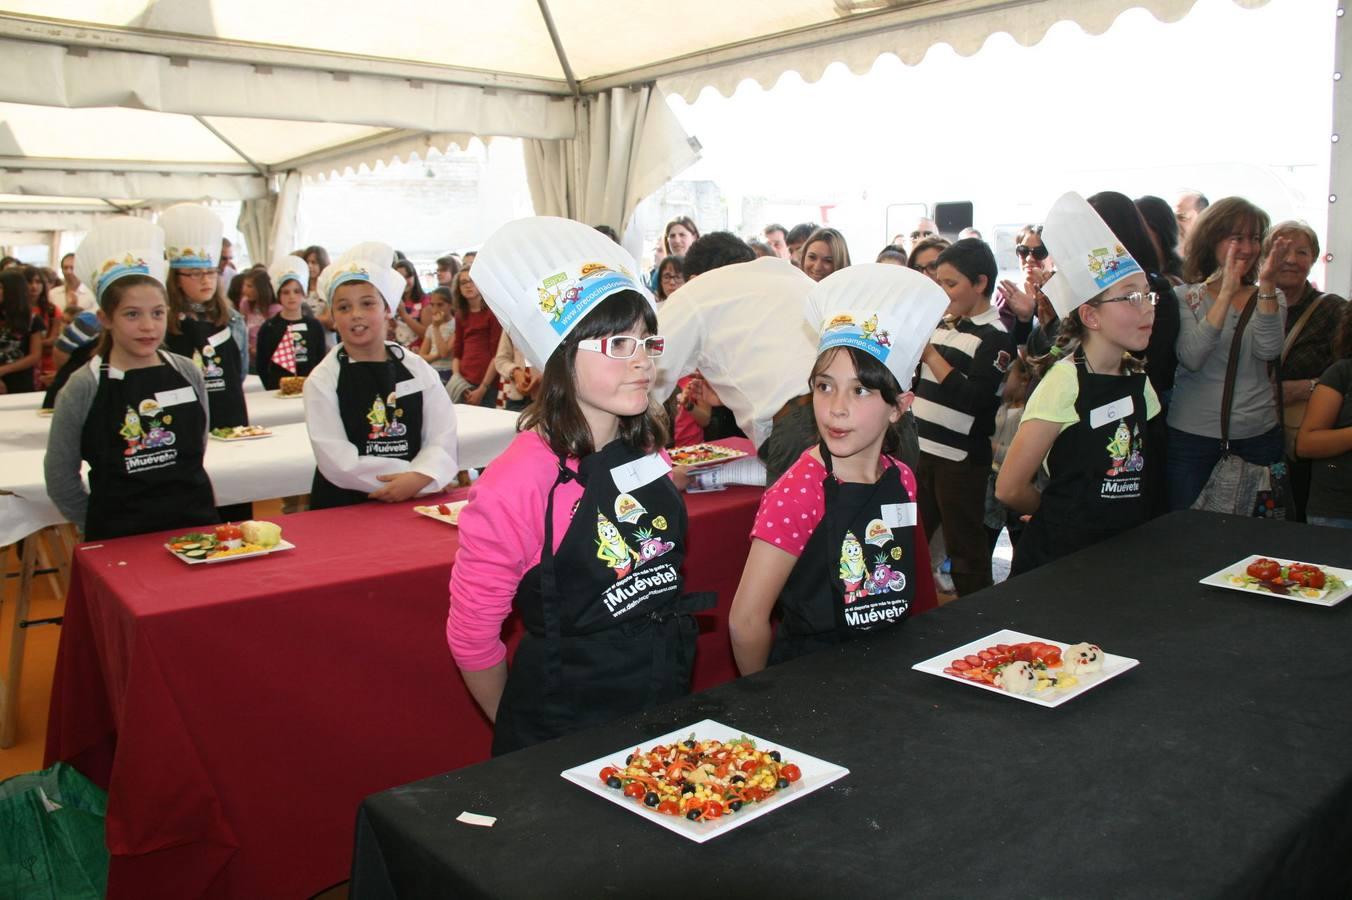 Participantes en el concurso 'Cuéllar Chef Junior' de la Feria de Cuéllar. Segovia